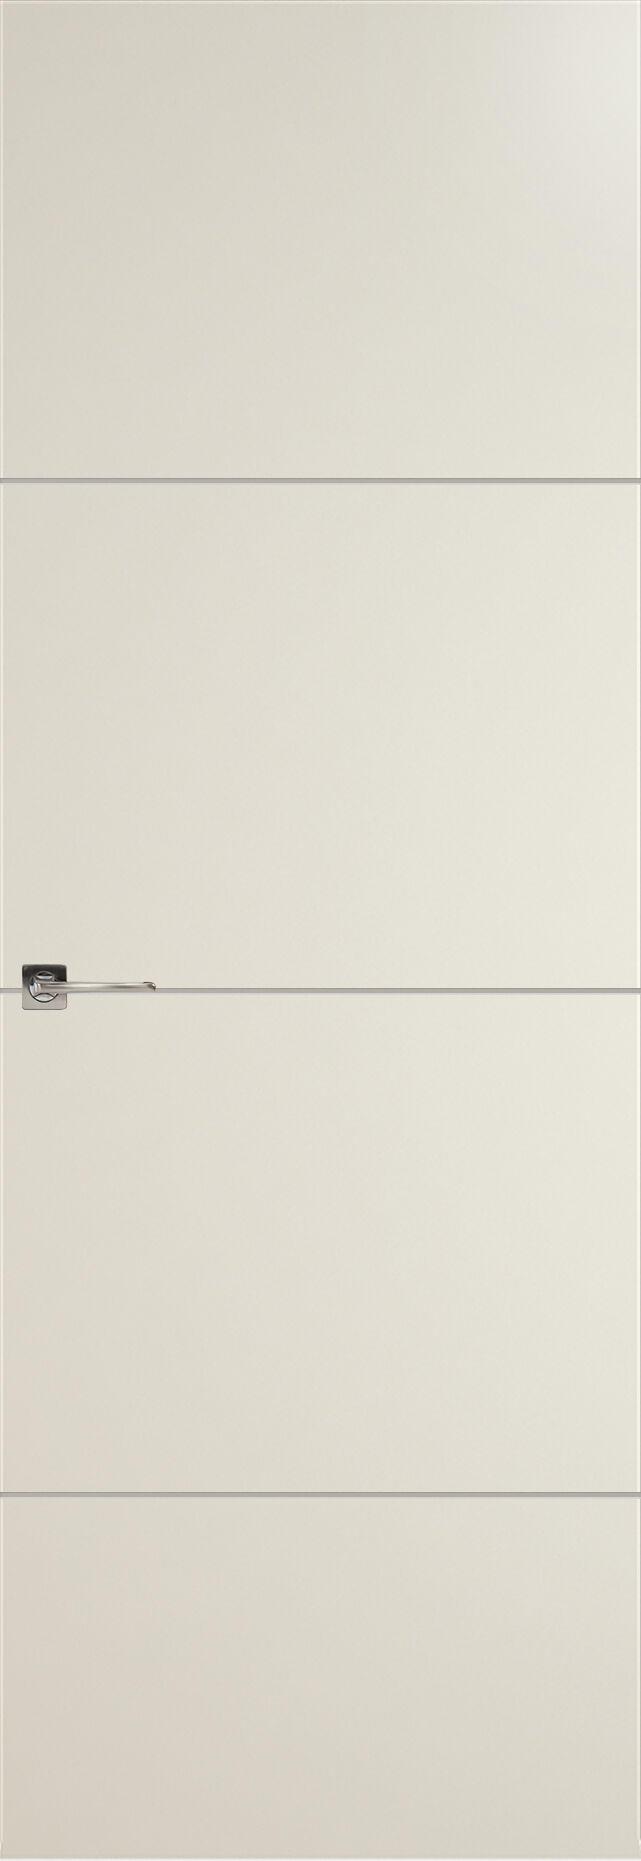 Tivoli Г-2 Невидимка цвет - Жемчужная эмаль Без стекла (ДГ)